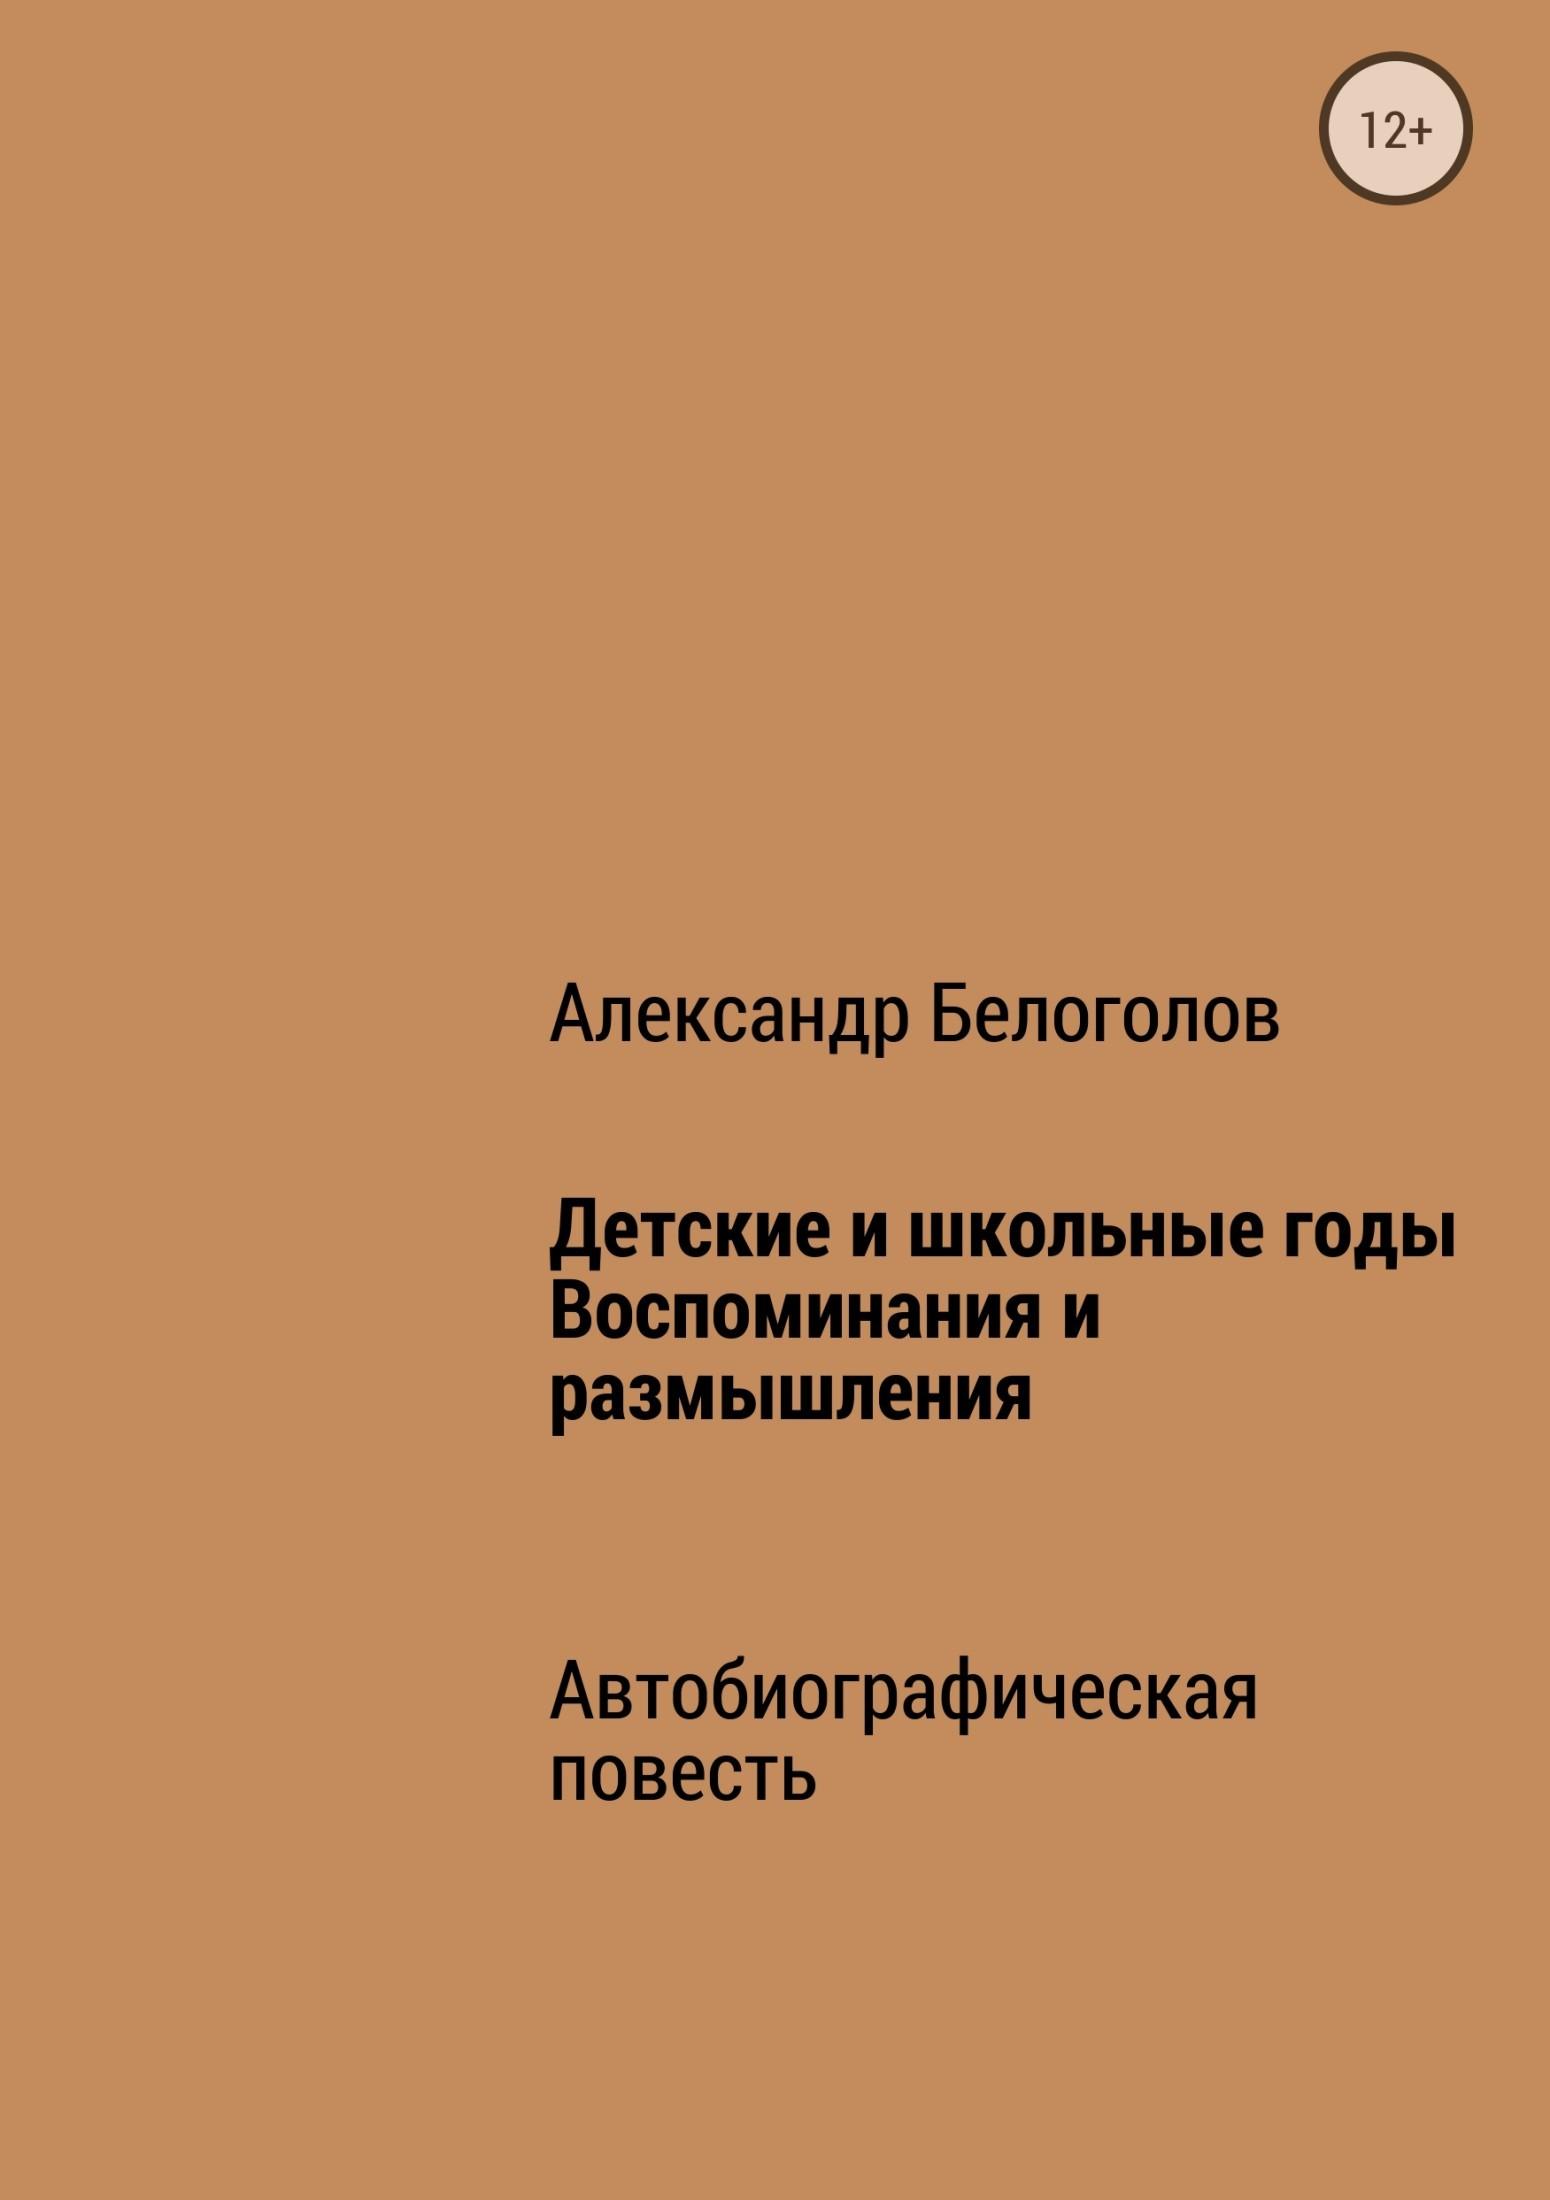 Александр Борисович Белоголов Детские и школьные годы. Воспоминания и размышления а и ульянова детские и школьные годы ильича